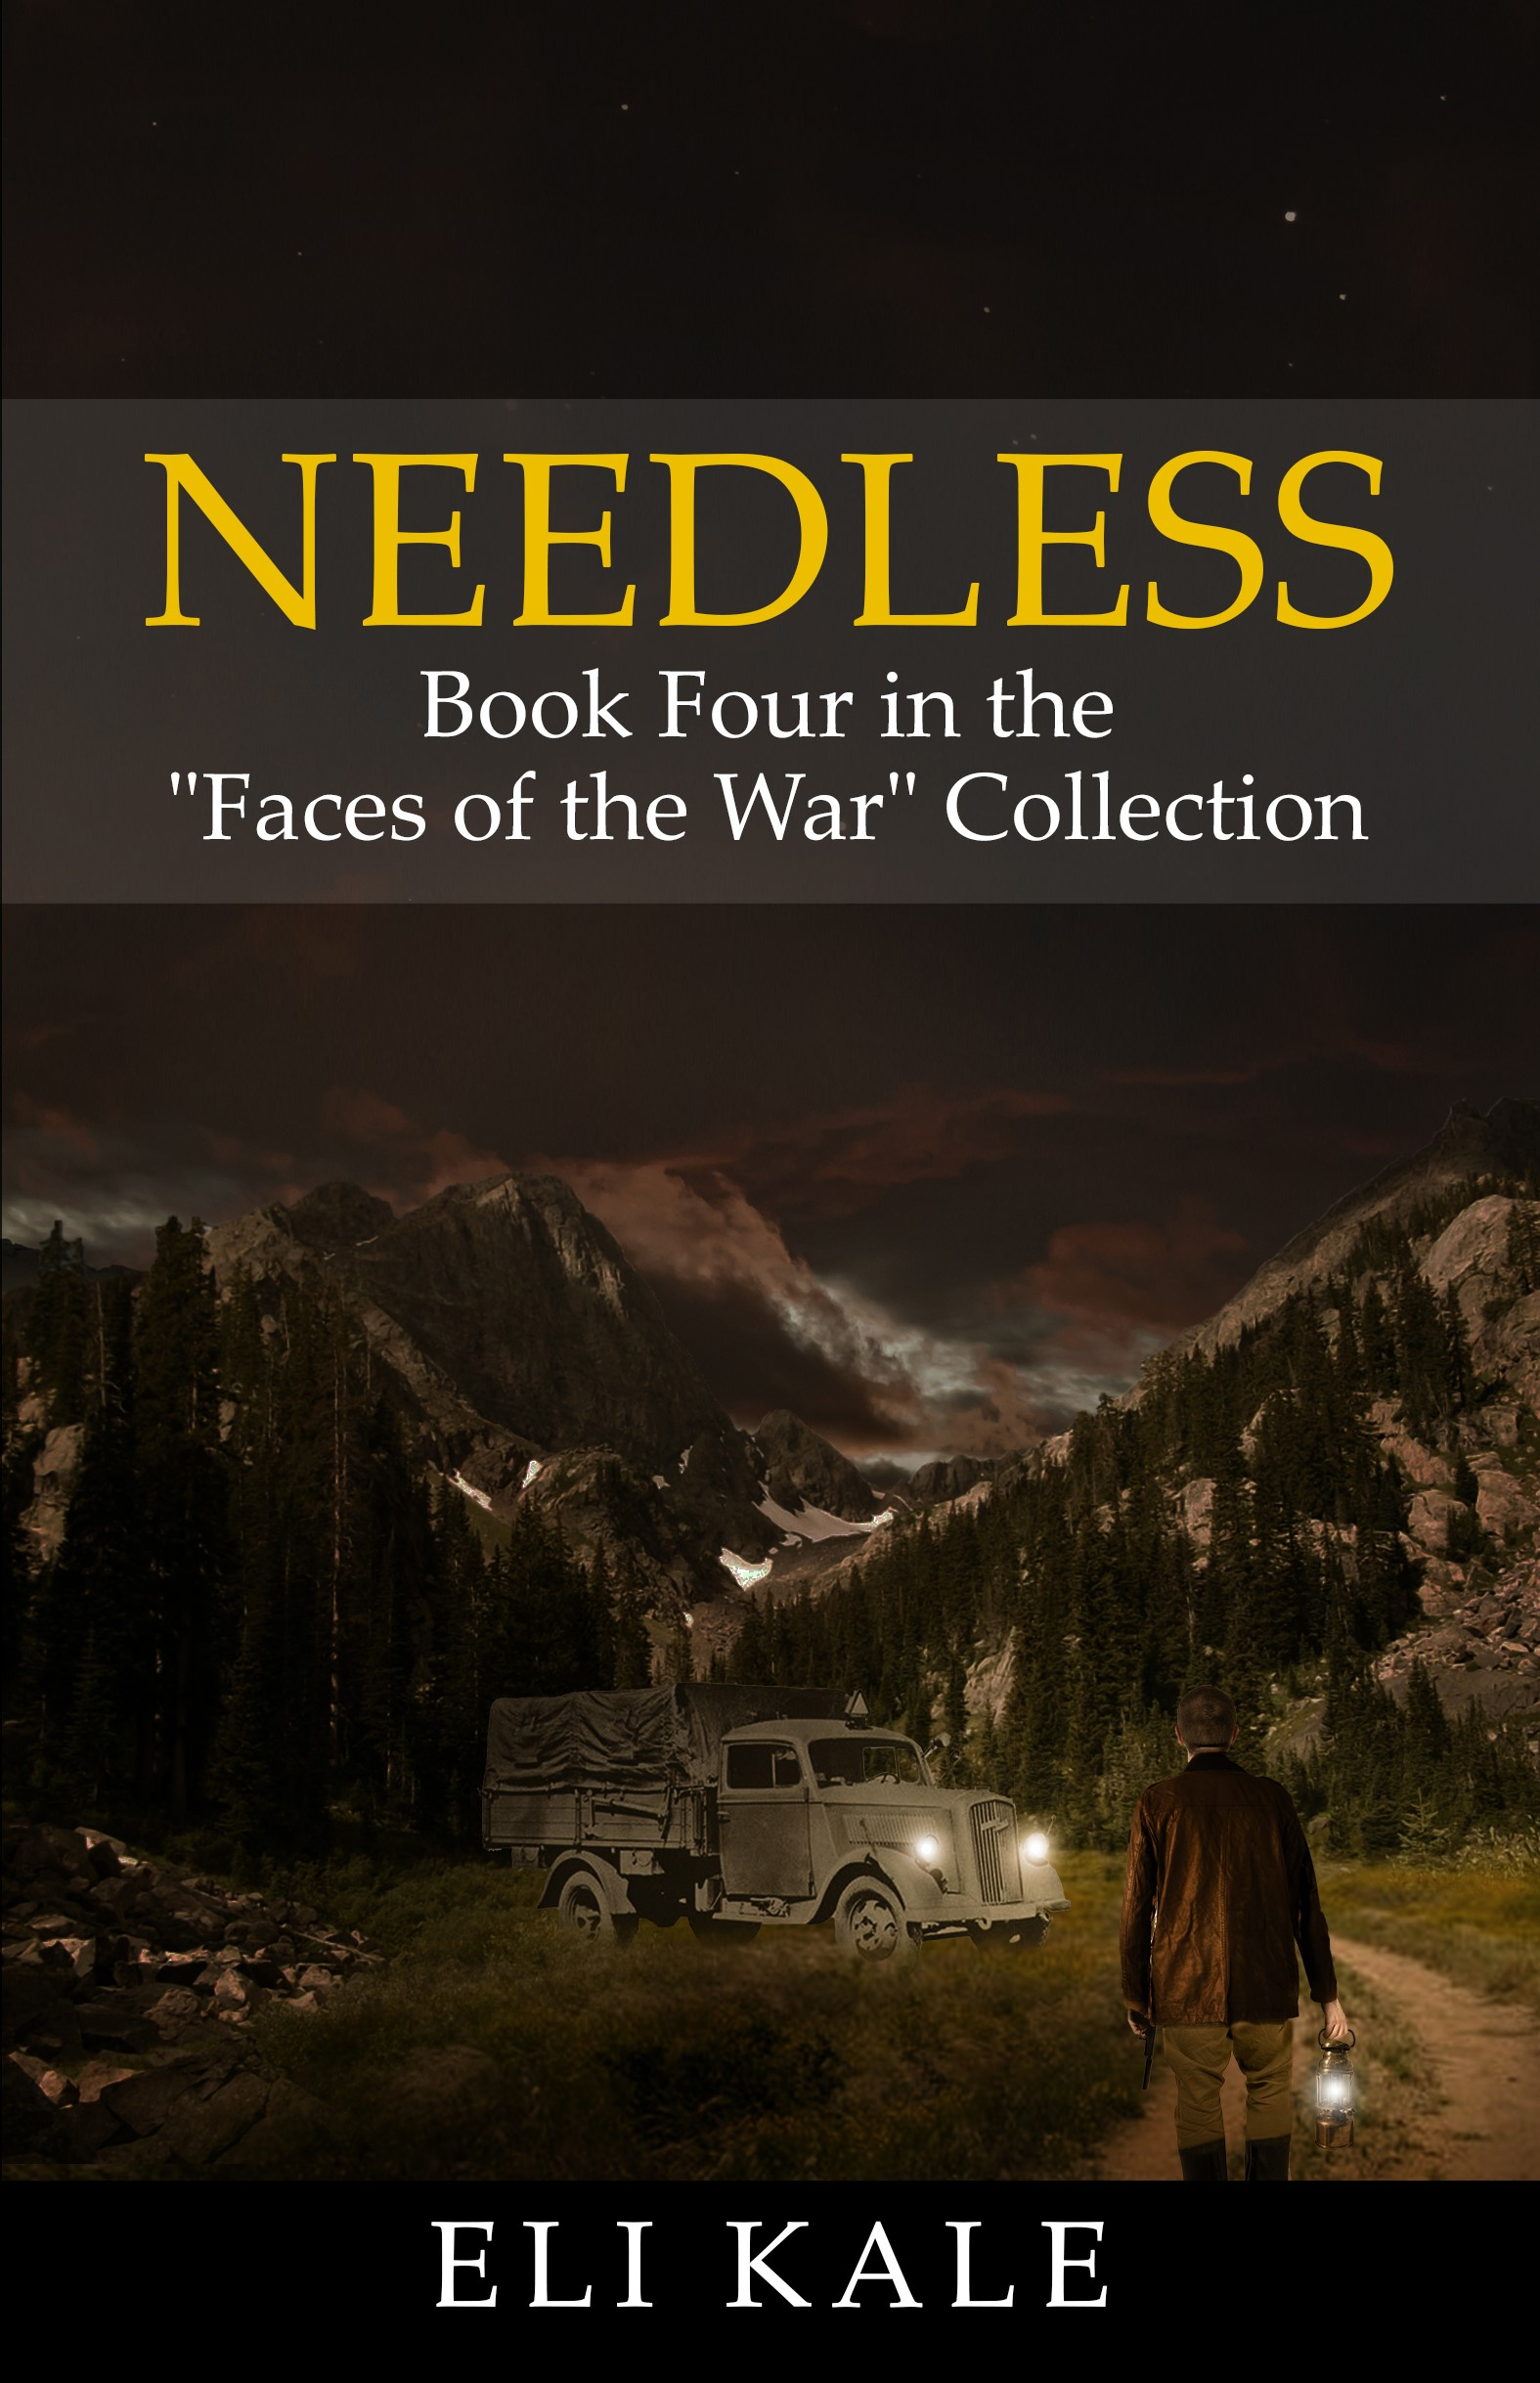 pratt_needless-final-front-cover-ebook